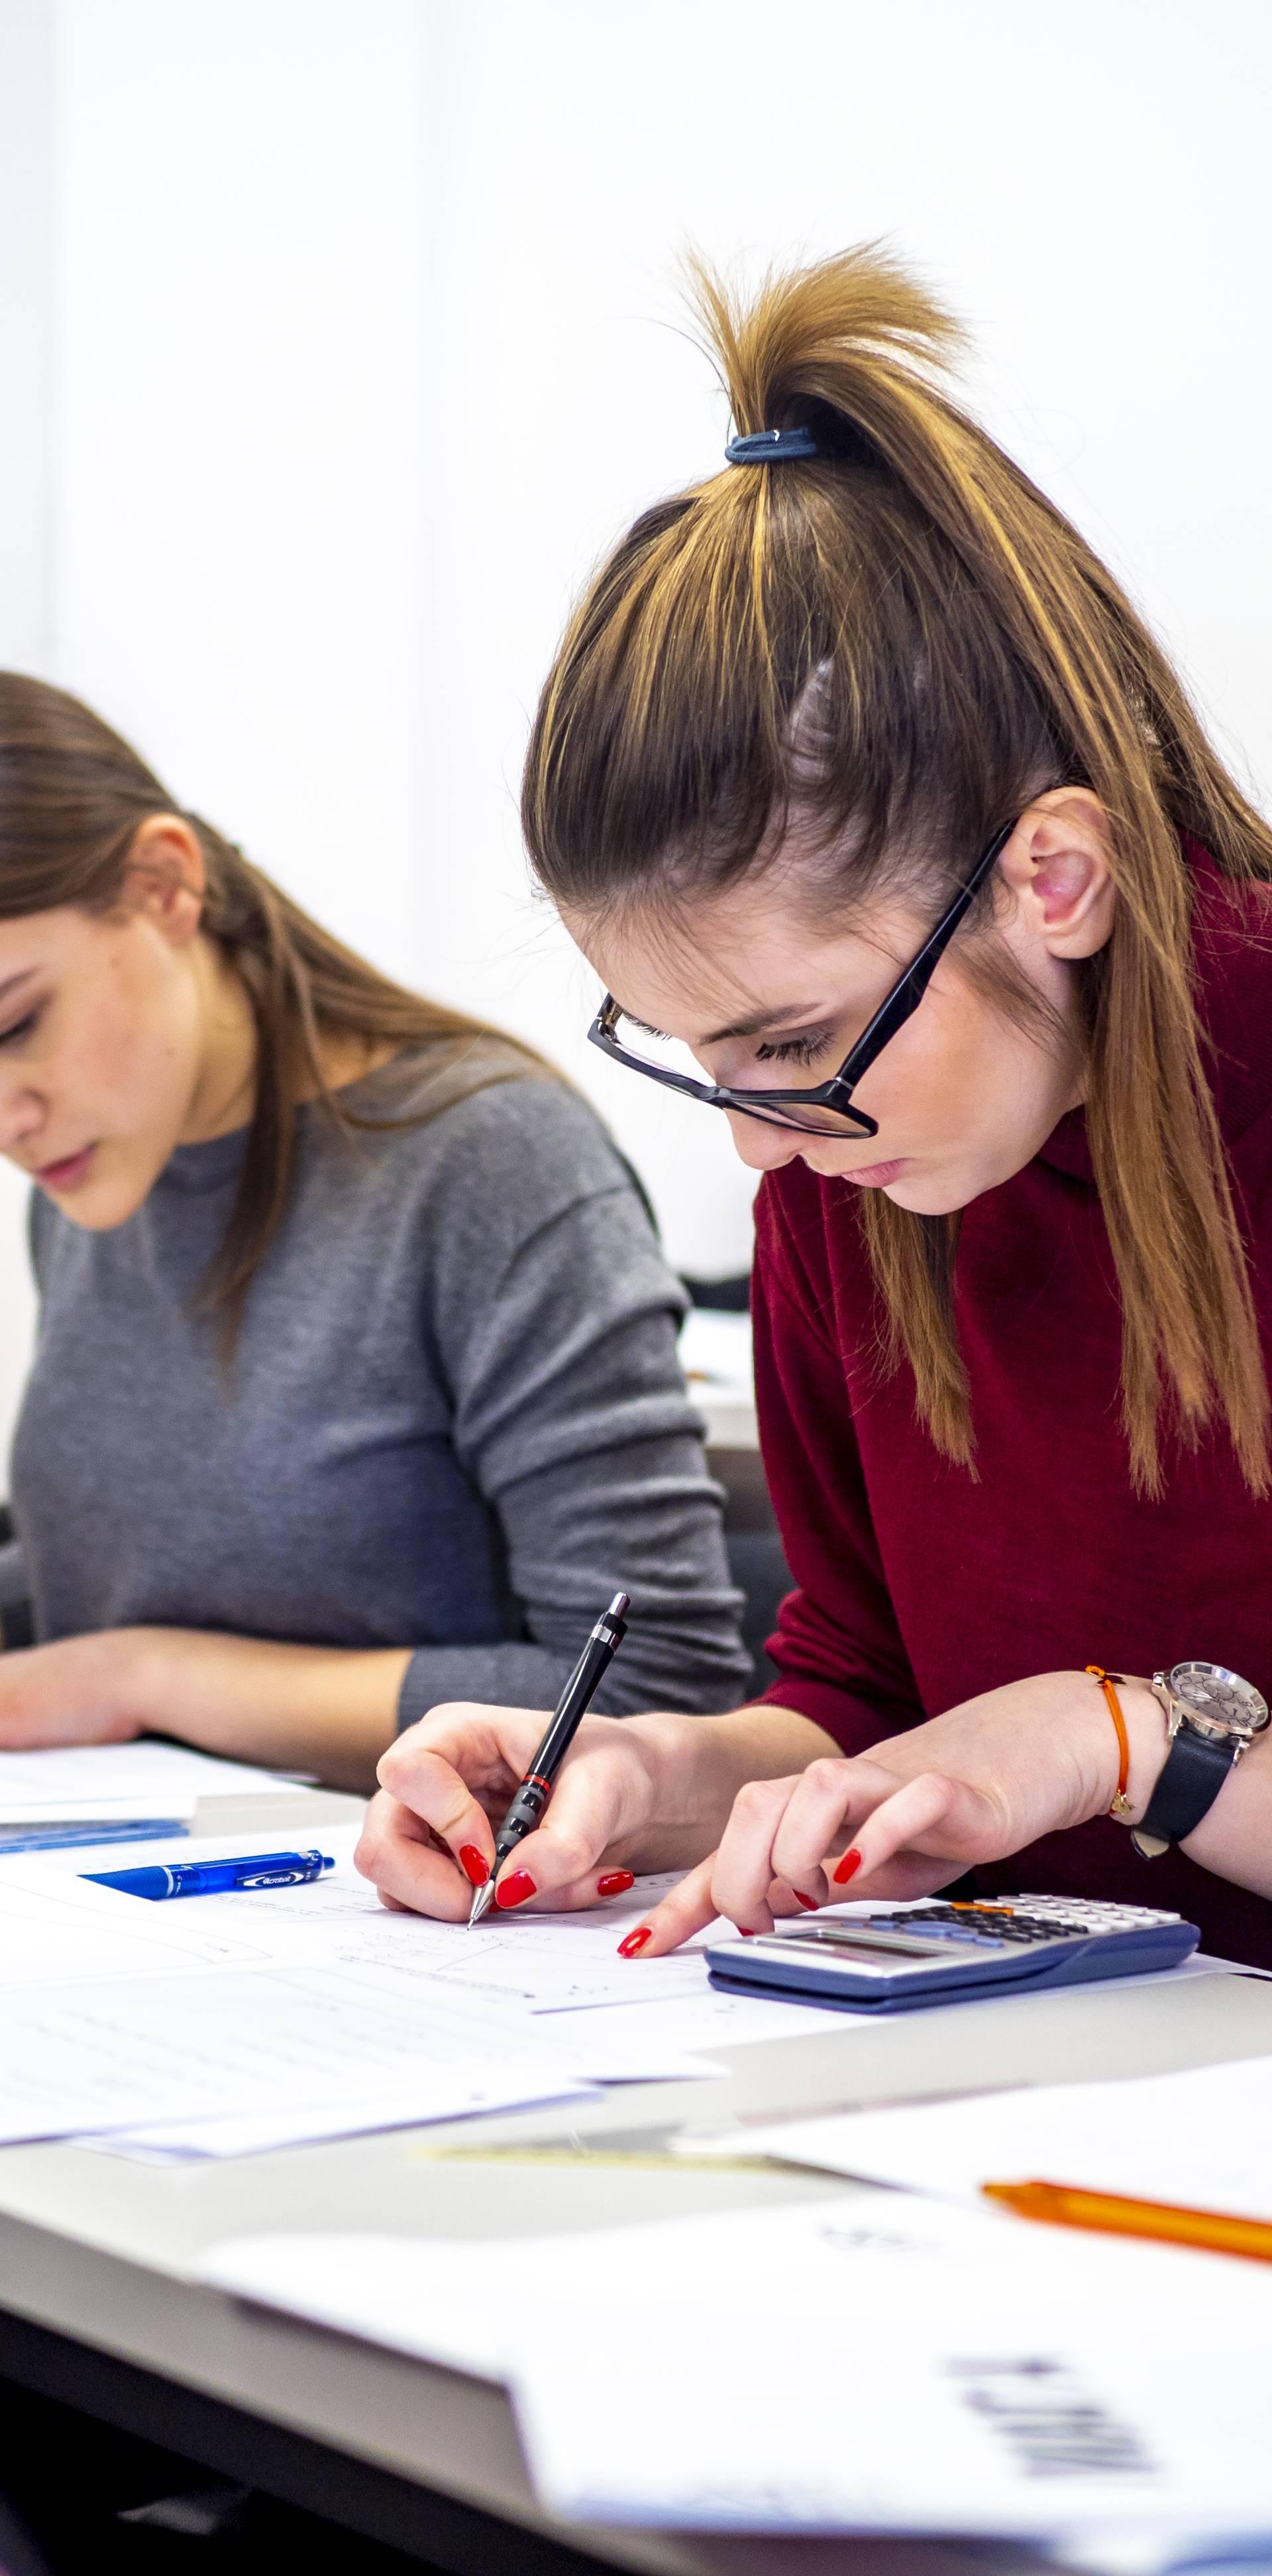 Zašto bi svaki maturant trebao izaći na probne ispite mature?